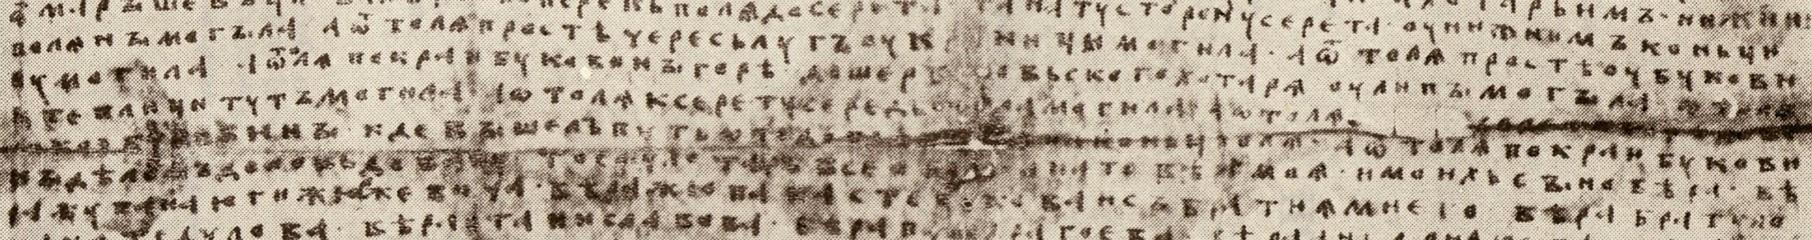 Detaliu din document - în dreapta, sus şi jos, e scris Bucovina